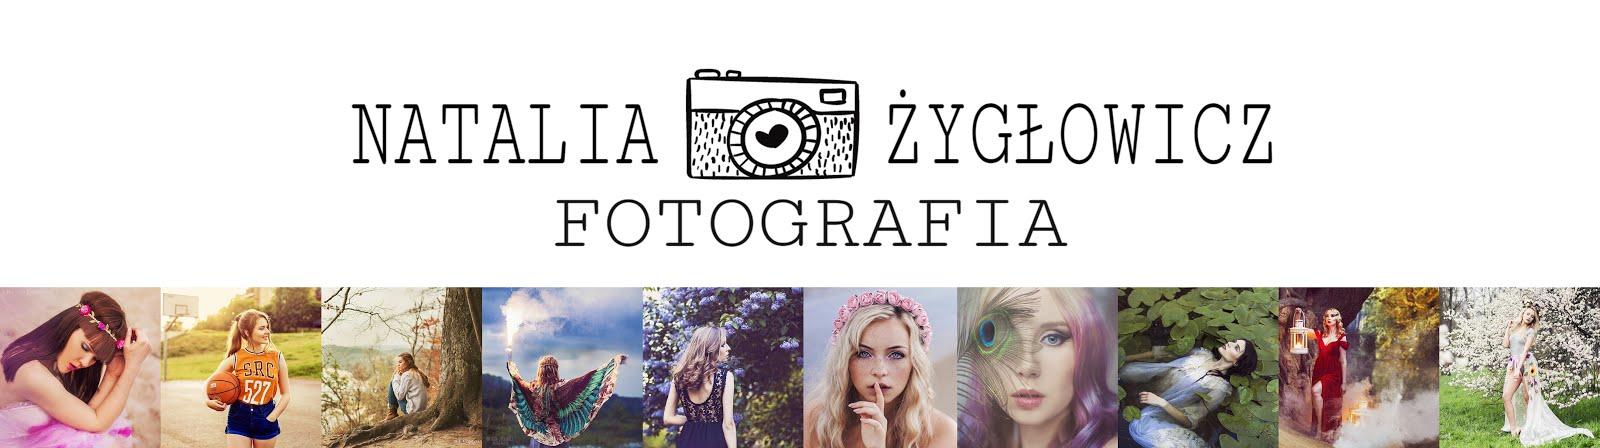 Natalia Żygłowicz - fotografie